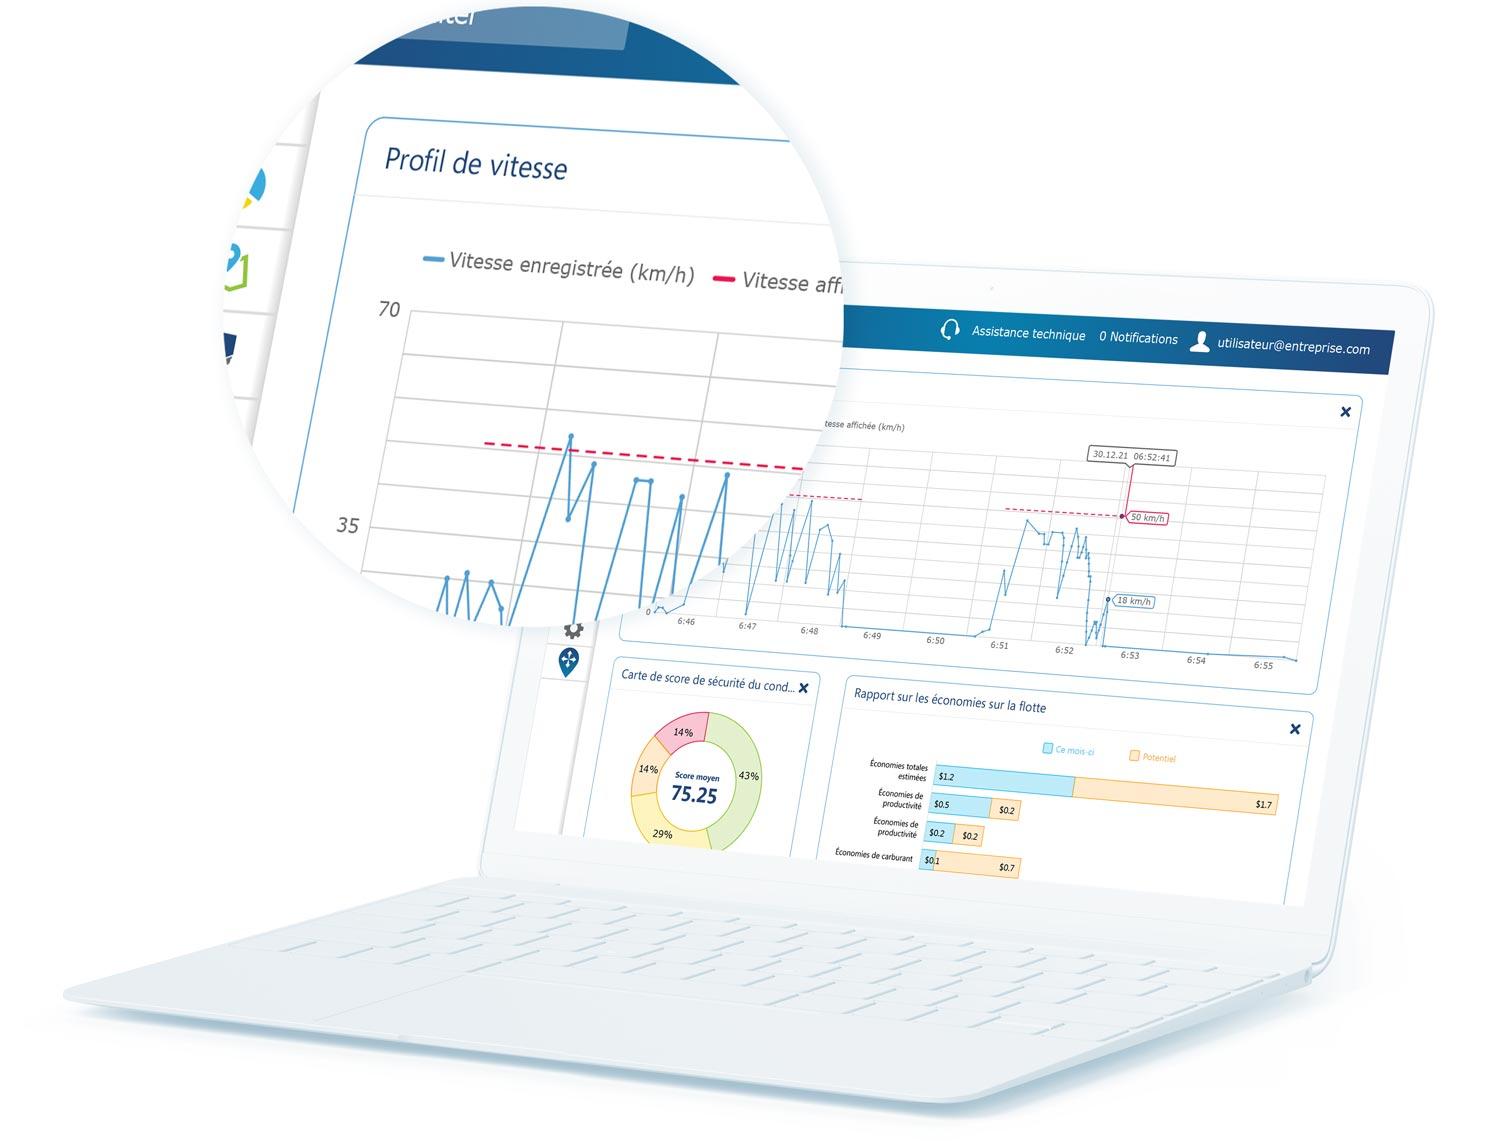 Rapport du profil de vitesse dans l'IU MyGeotab sur un ordinateur portable blanc